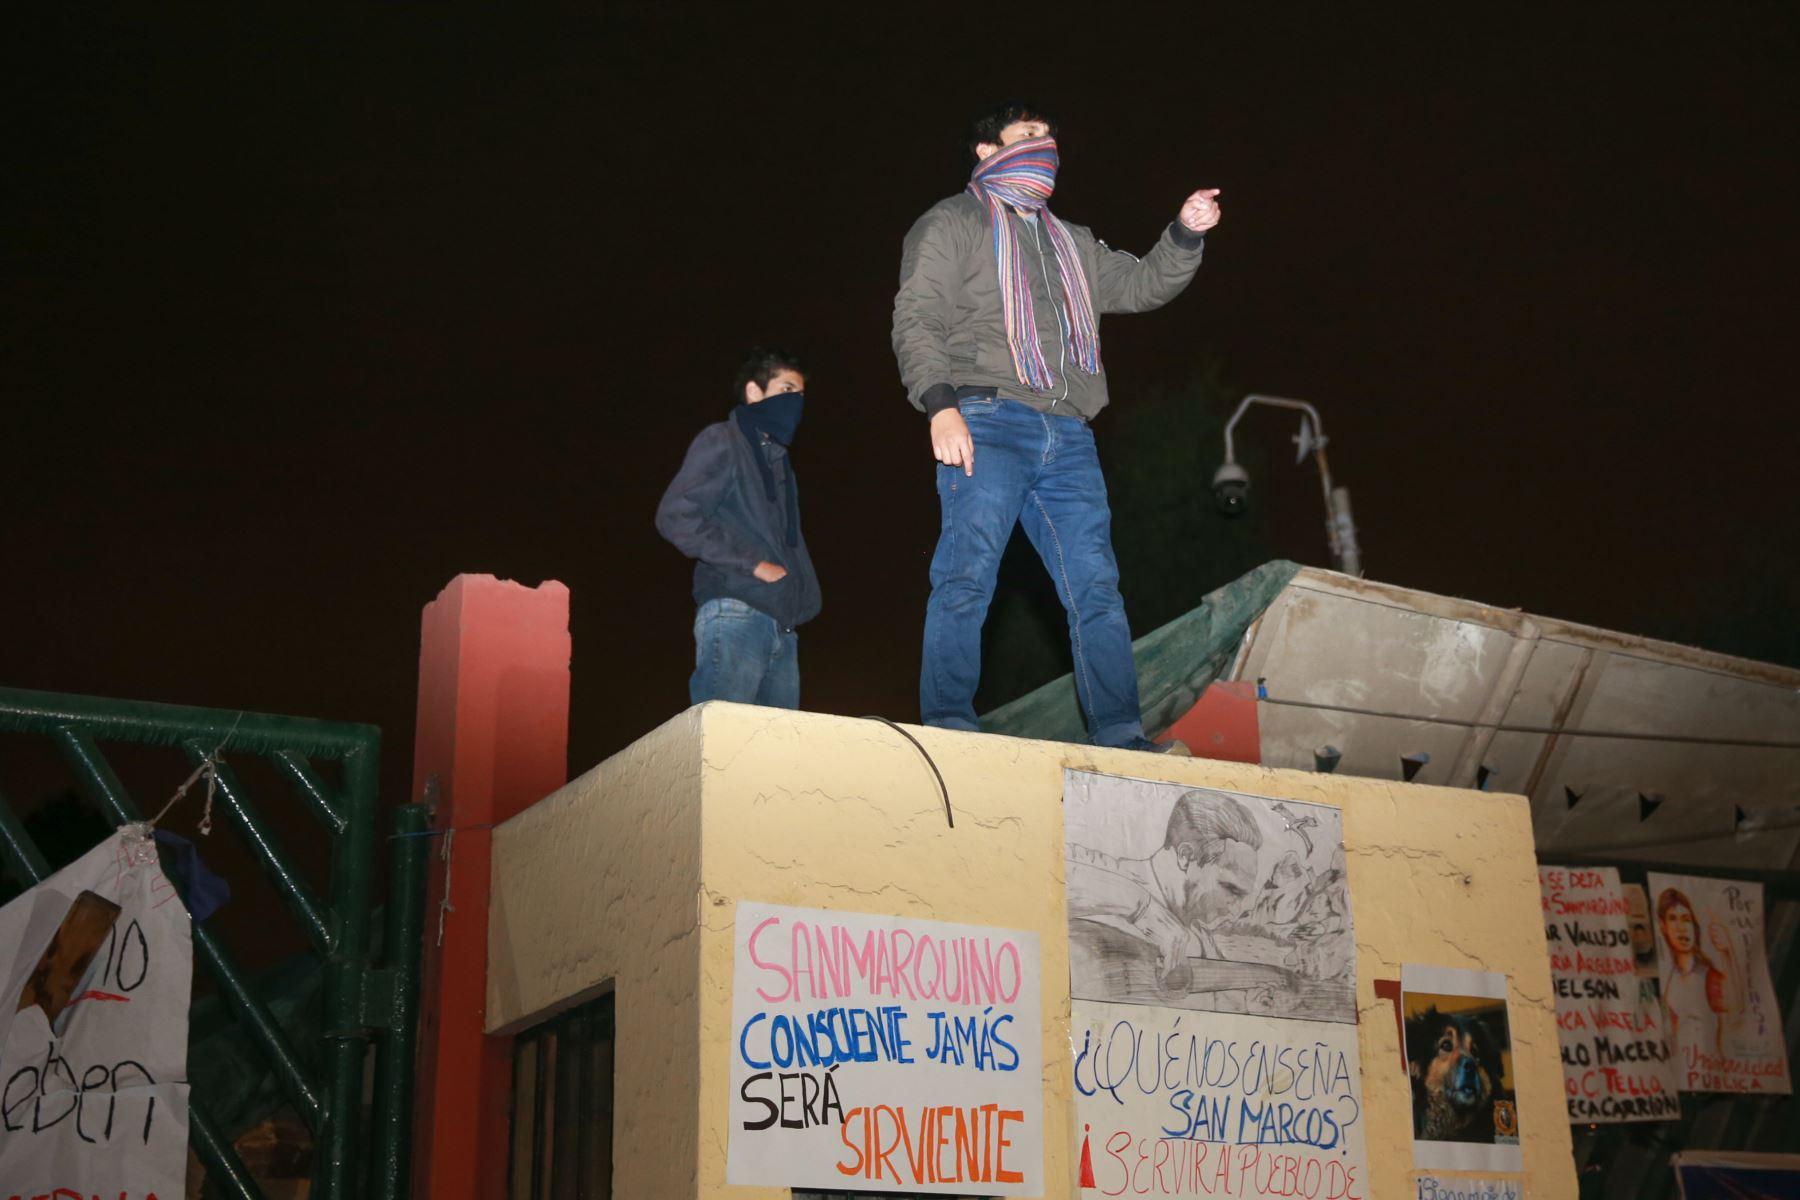 El campus de la Universidad Nacional Mayor de San Marcos (UNMSM) es tomado por estudiantes que se oponen a la cesión de 9,500 metros cuadrados del terreno de esta casa de estudios para culminar las obras de la avenida Universitaria y el bypass de la avenida Venezuela.Foto: ANDINA/Jhony Laurente